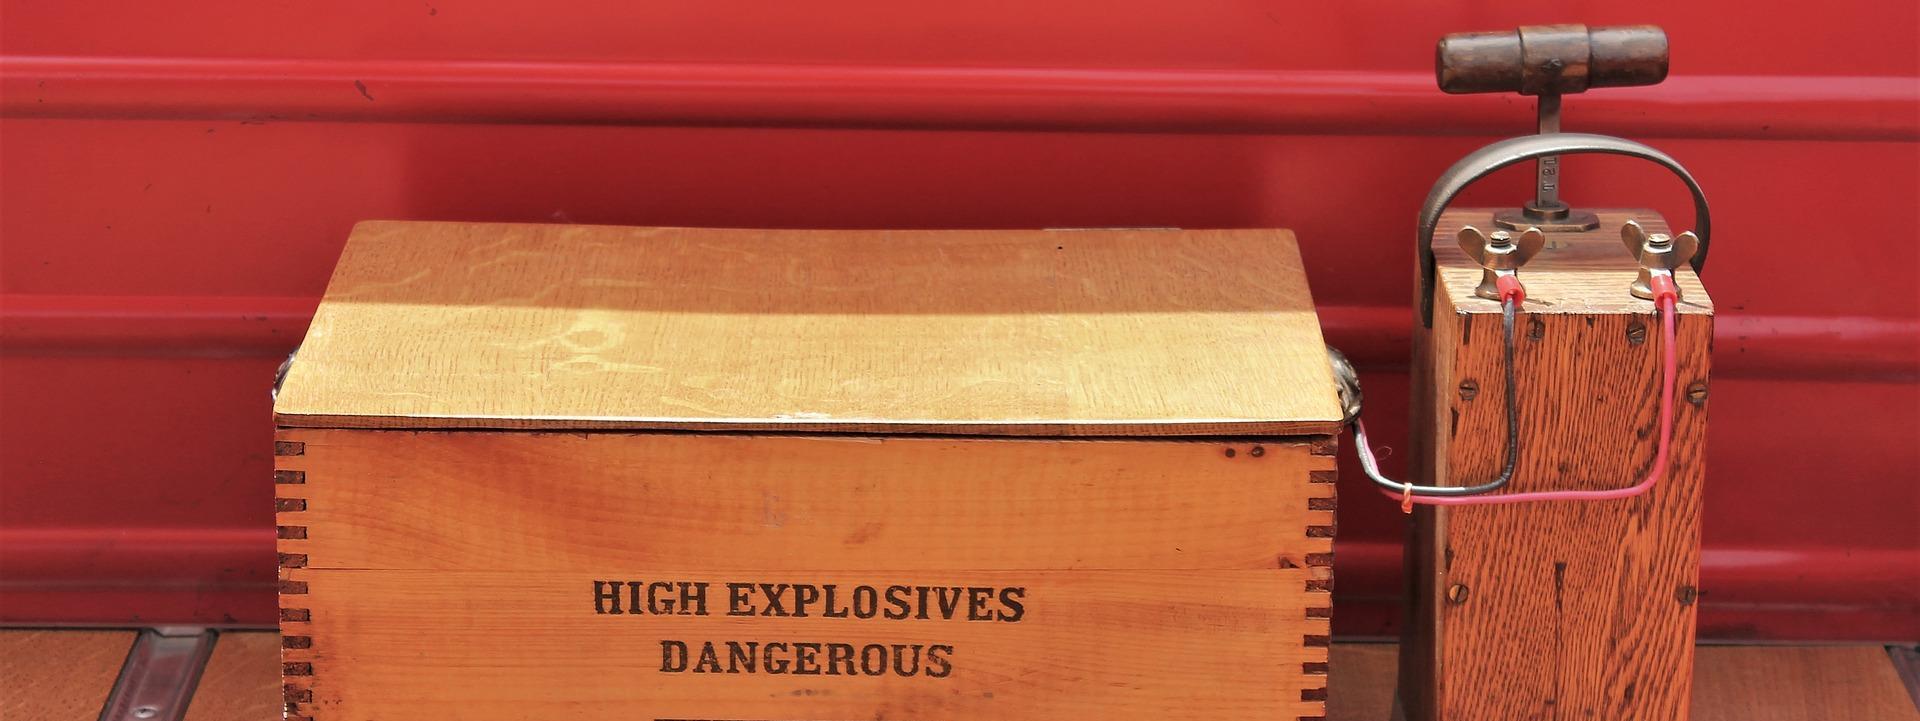 Precursores de Explosivos, nueva reglamentación 2021